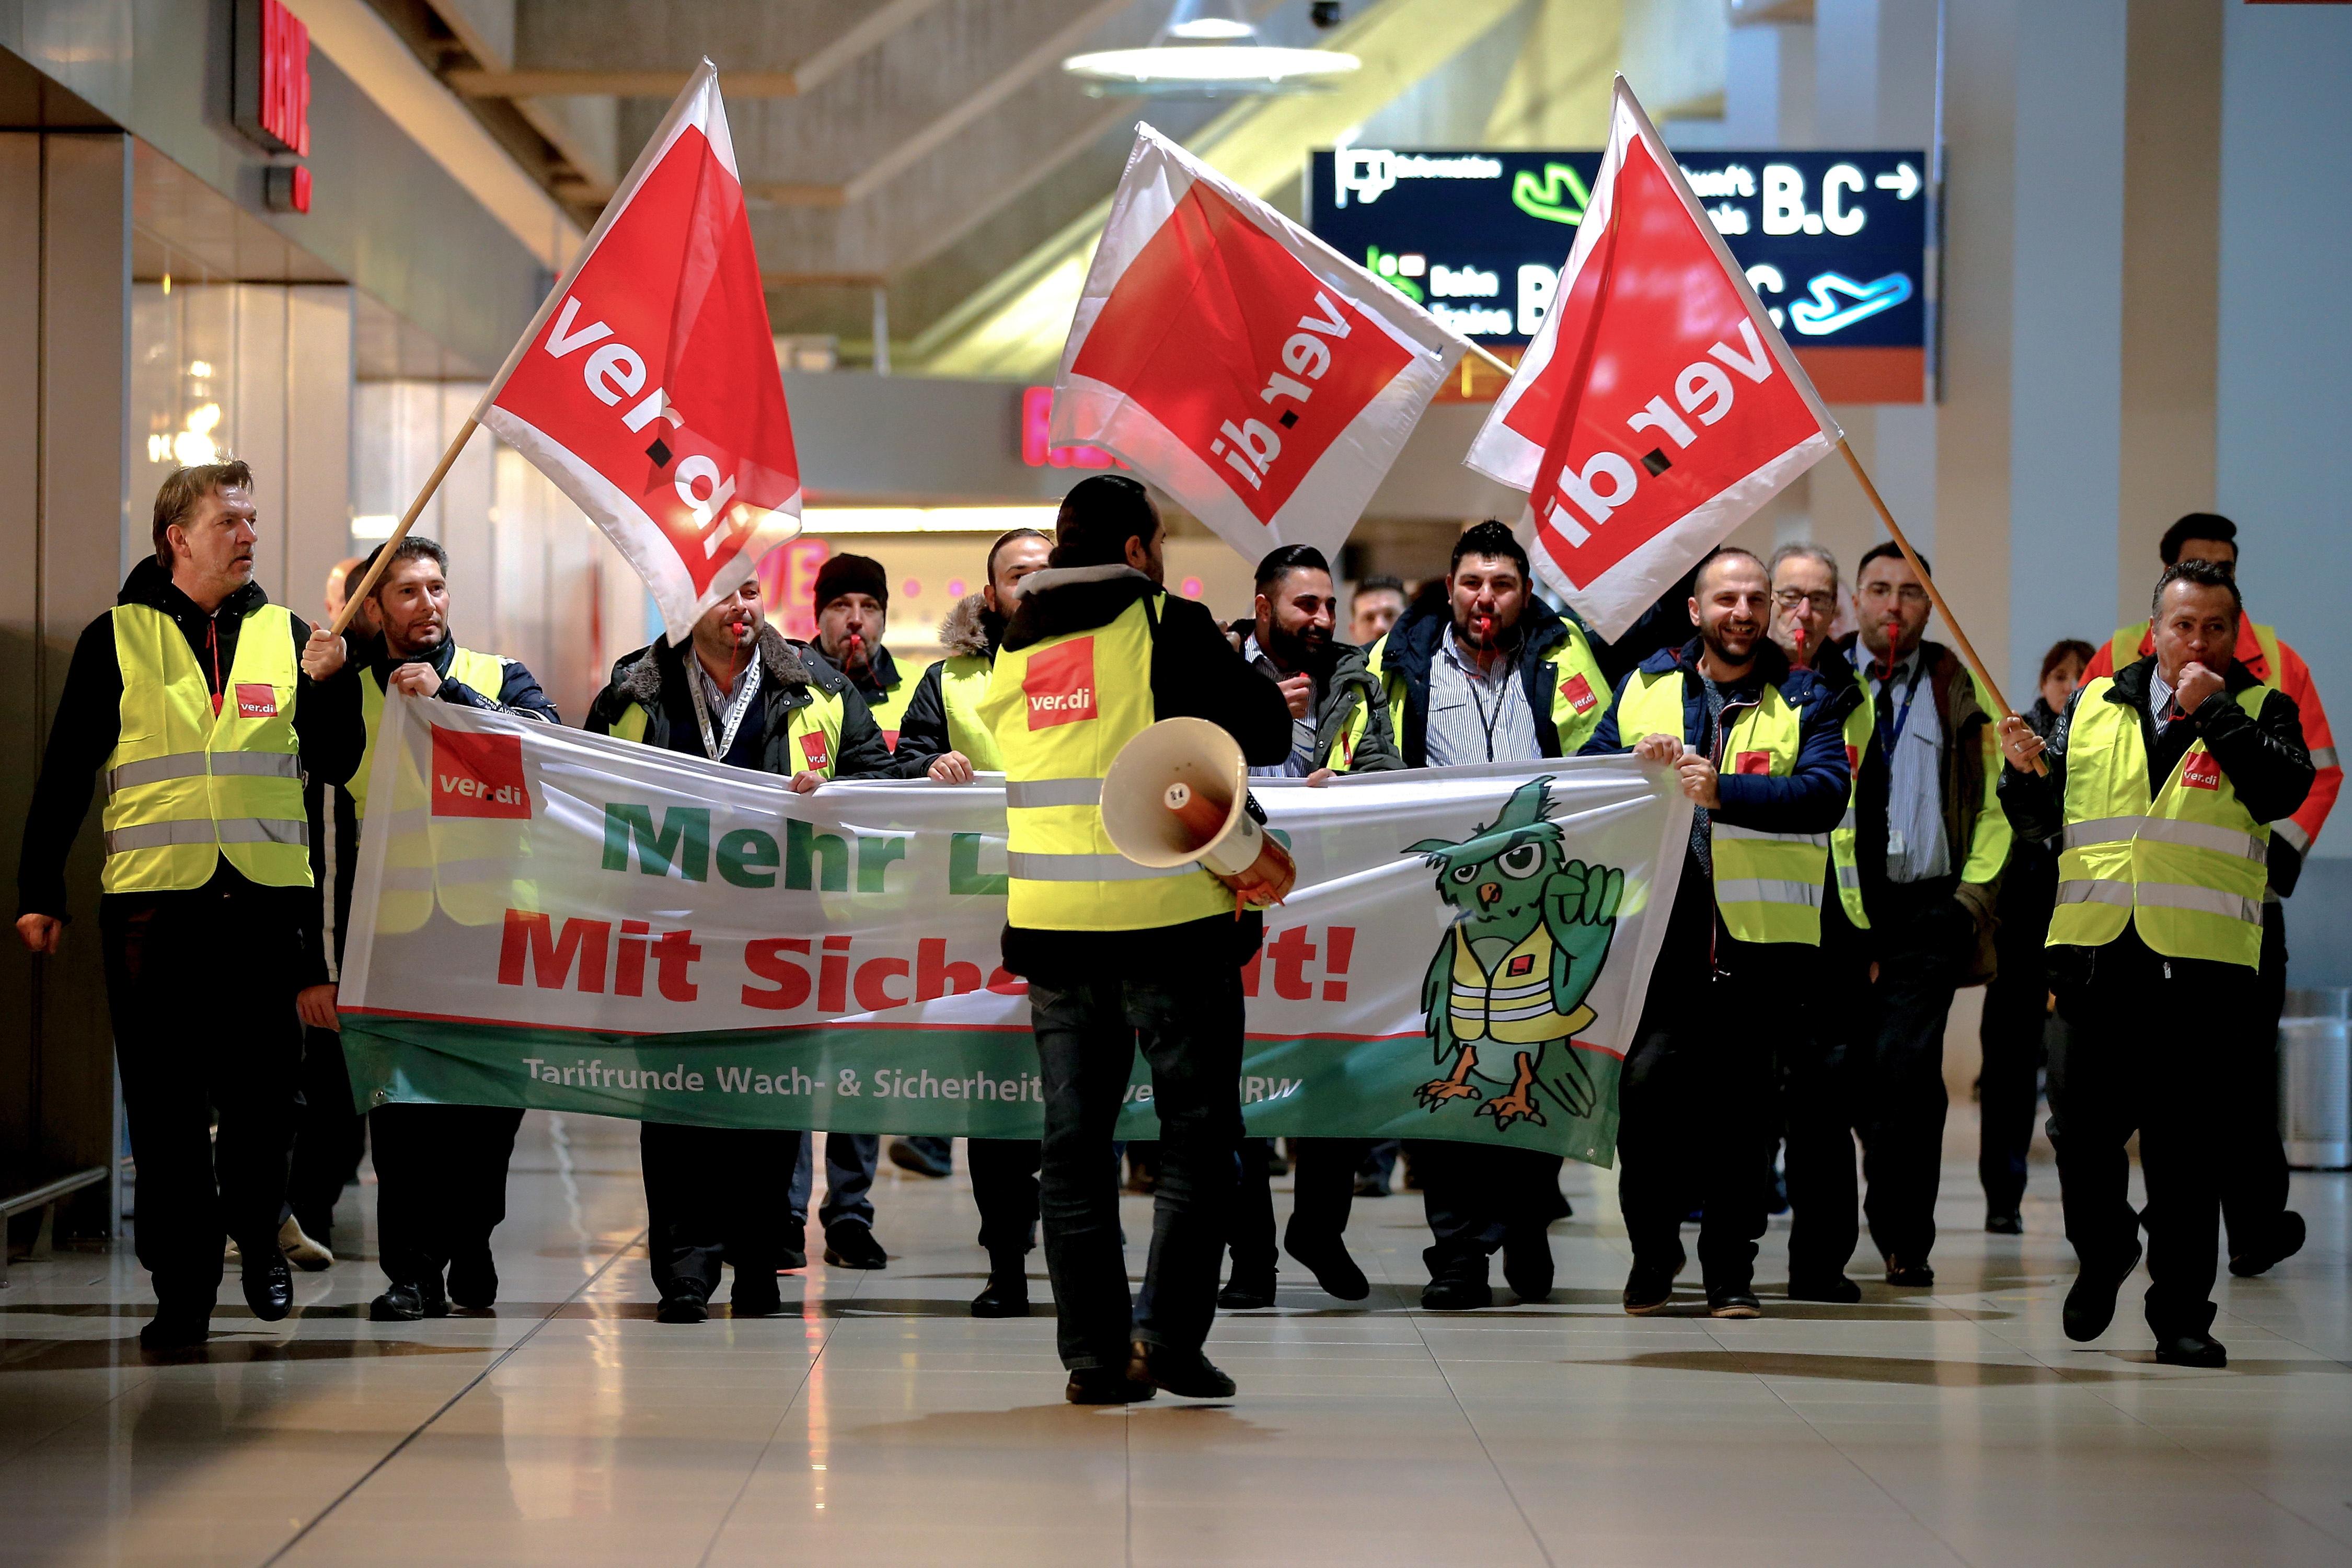 Γερμανία: Περισσότερες από 600 πτήσεις ακυρώθηκαν λόγω απεργίας σε τρία αεροδρόμια, φωτογραφία-1